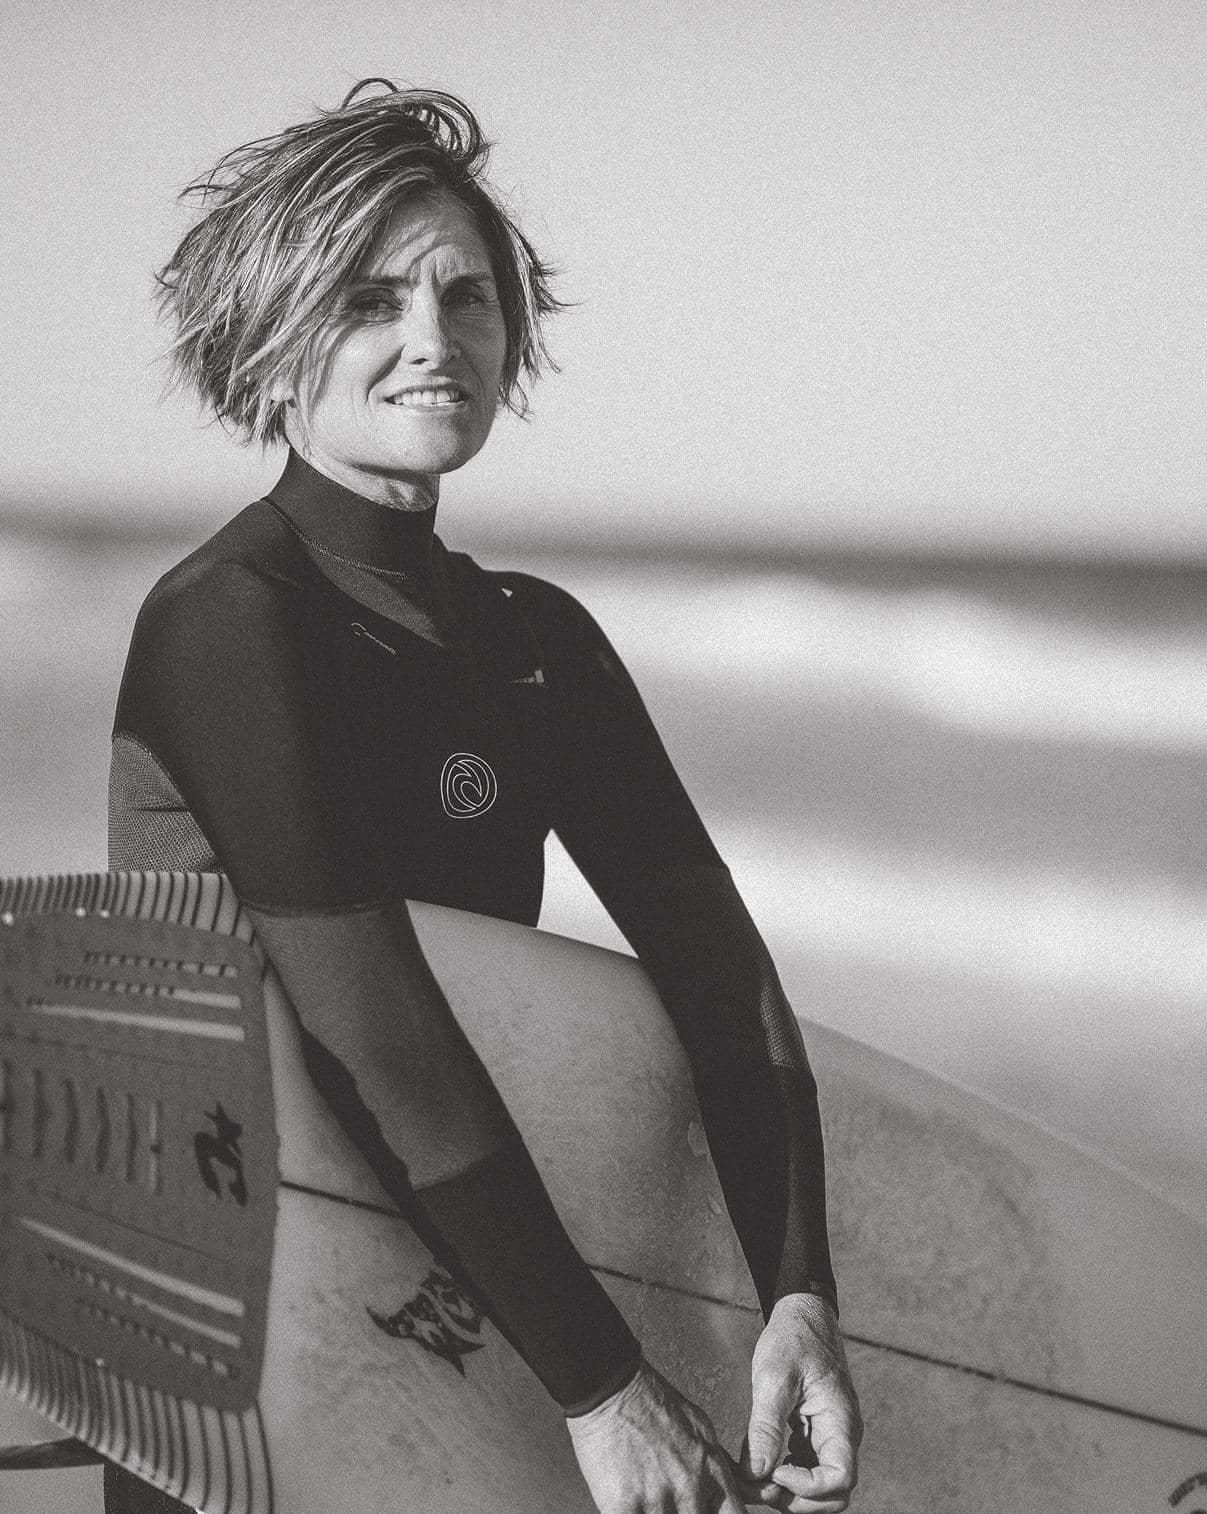 Jodie Cooper, 55